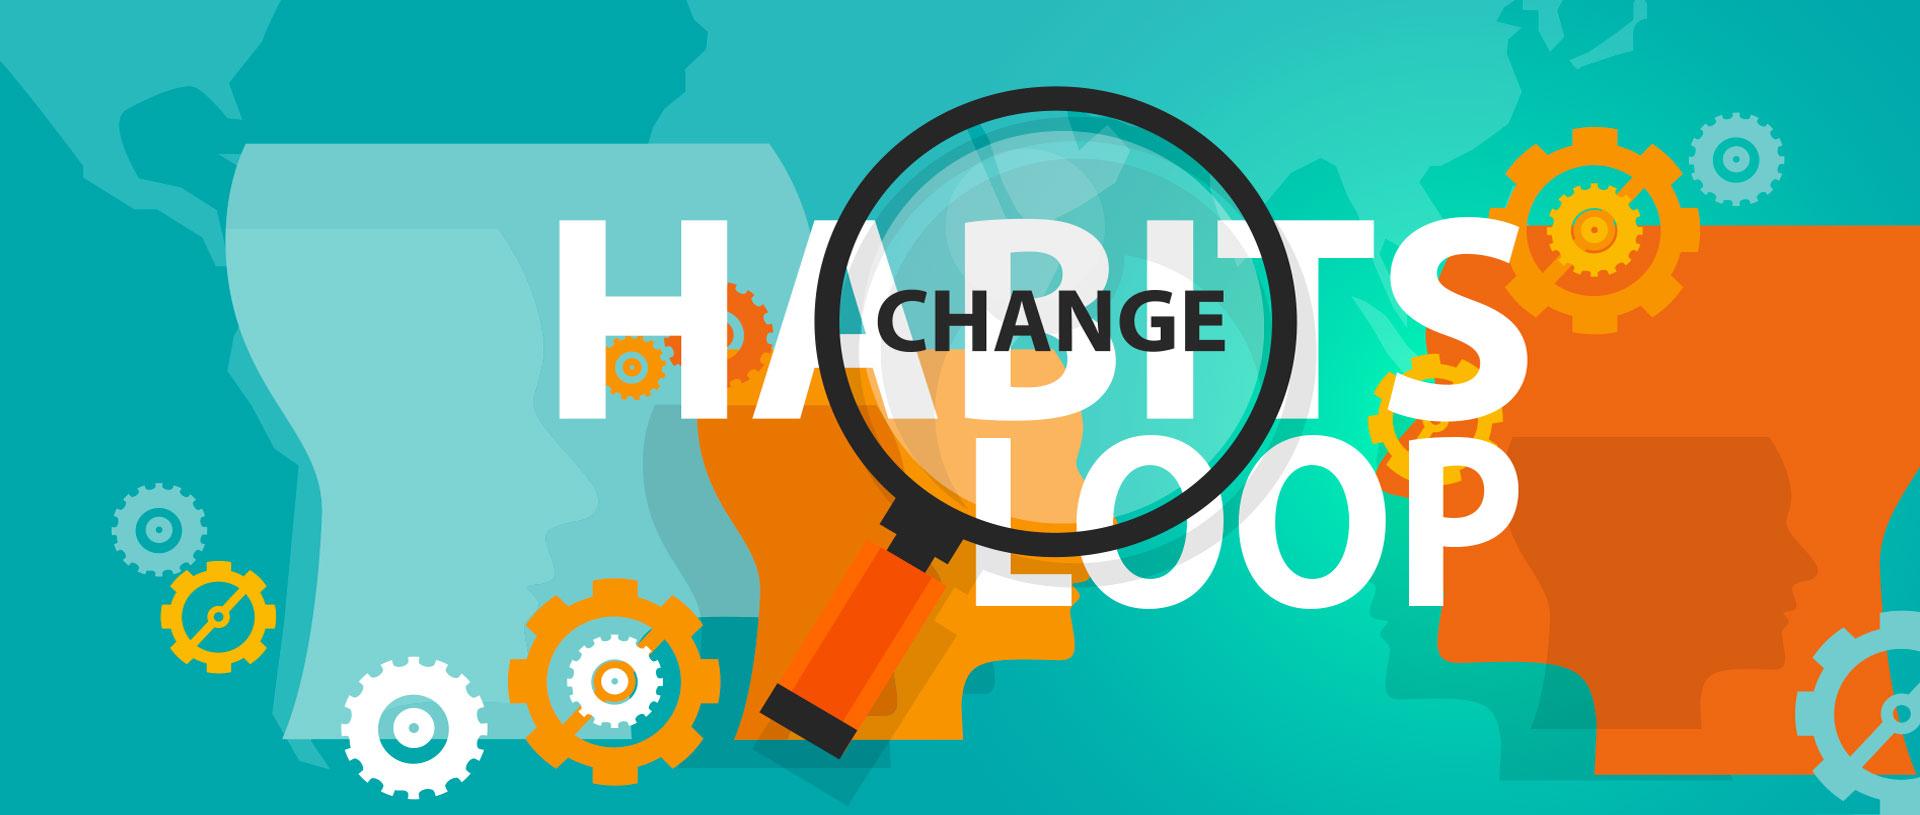 best change habit method